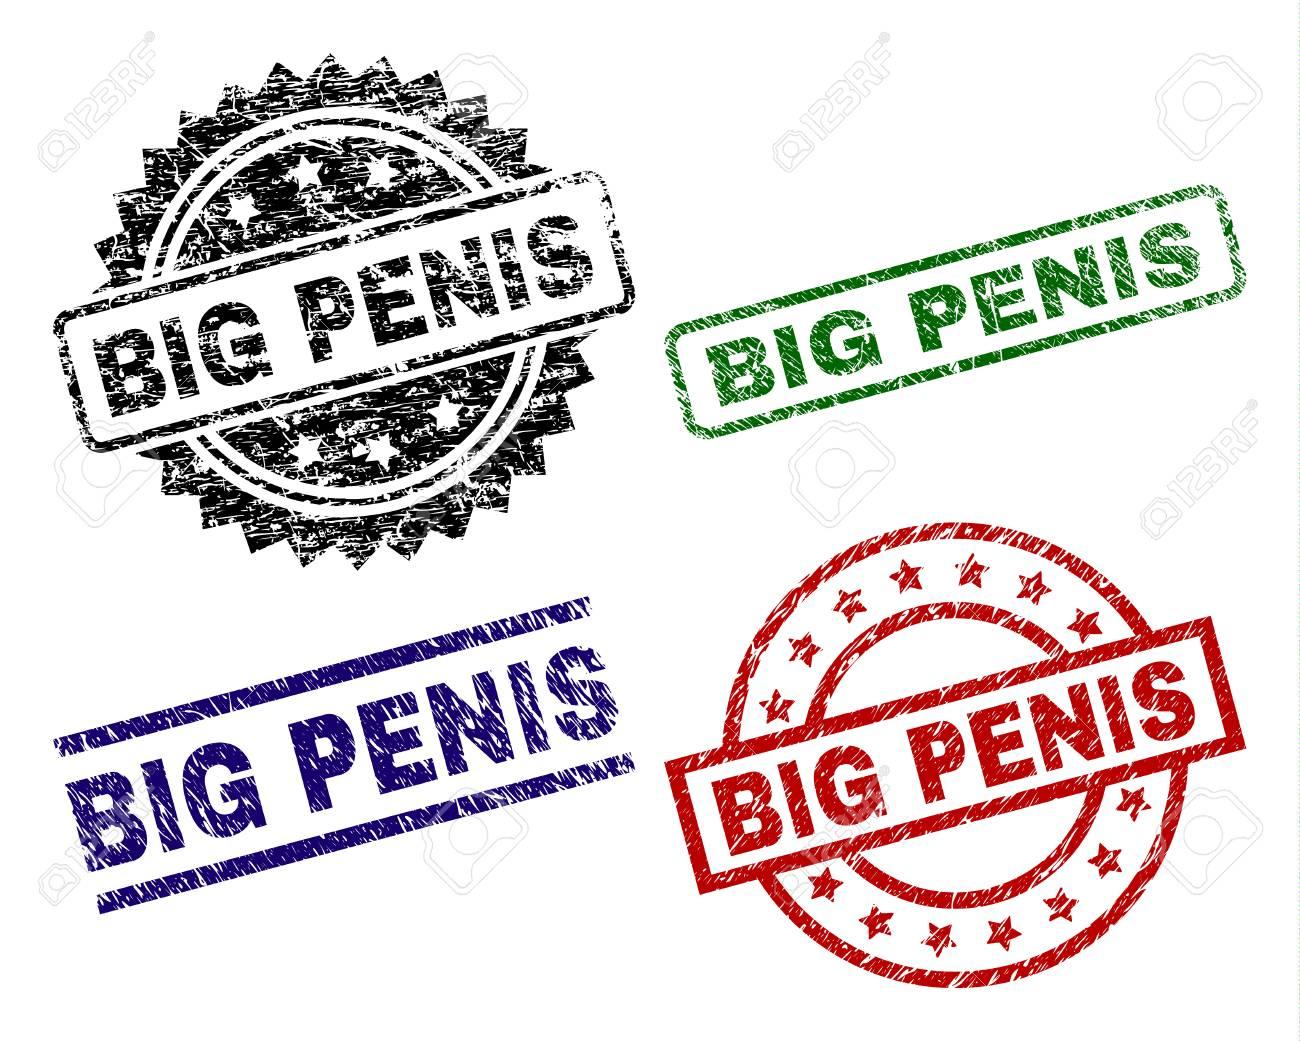 Big peins pics